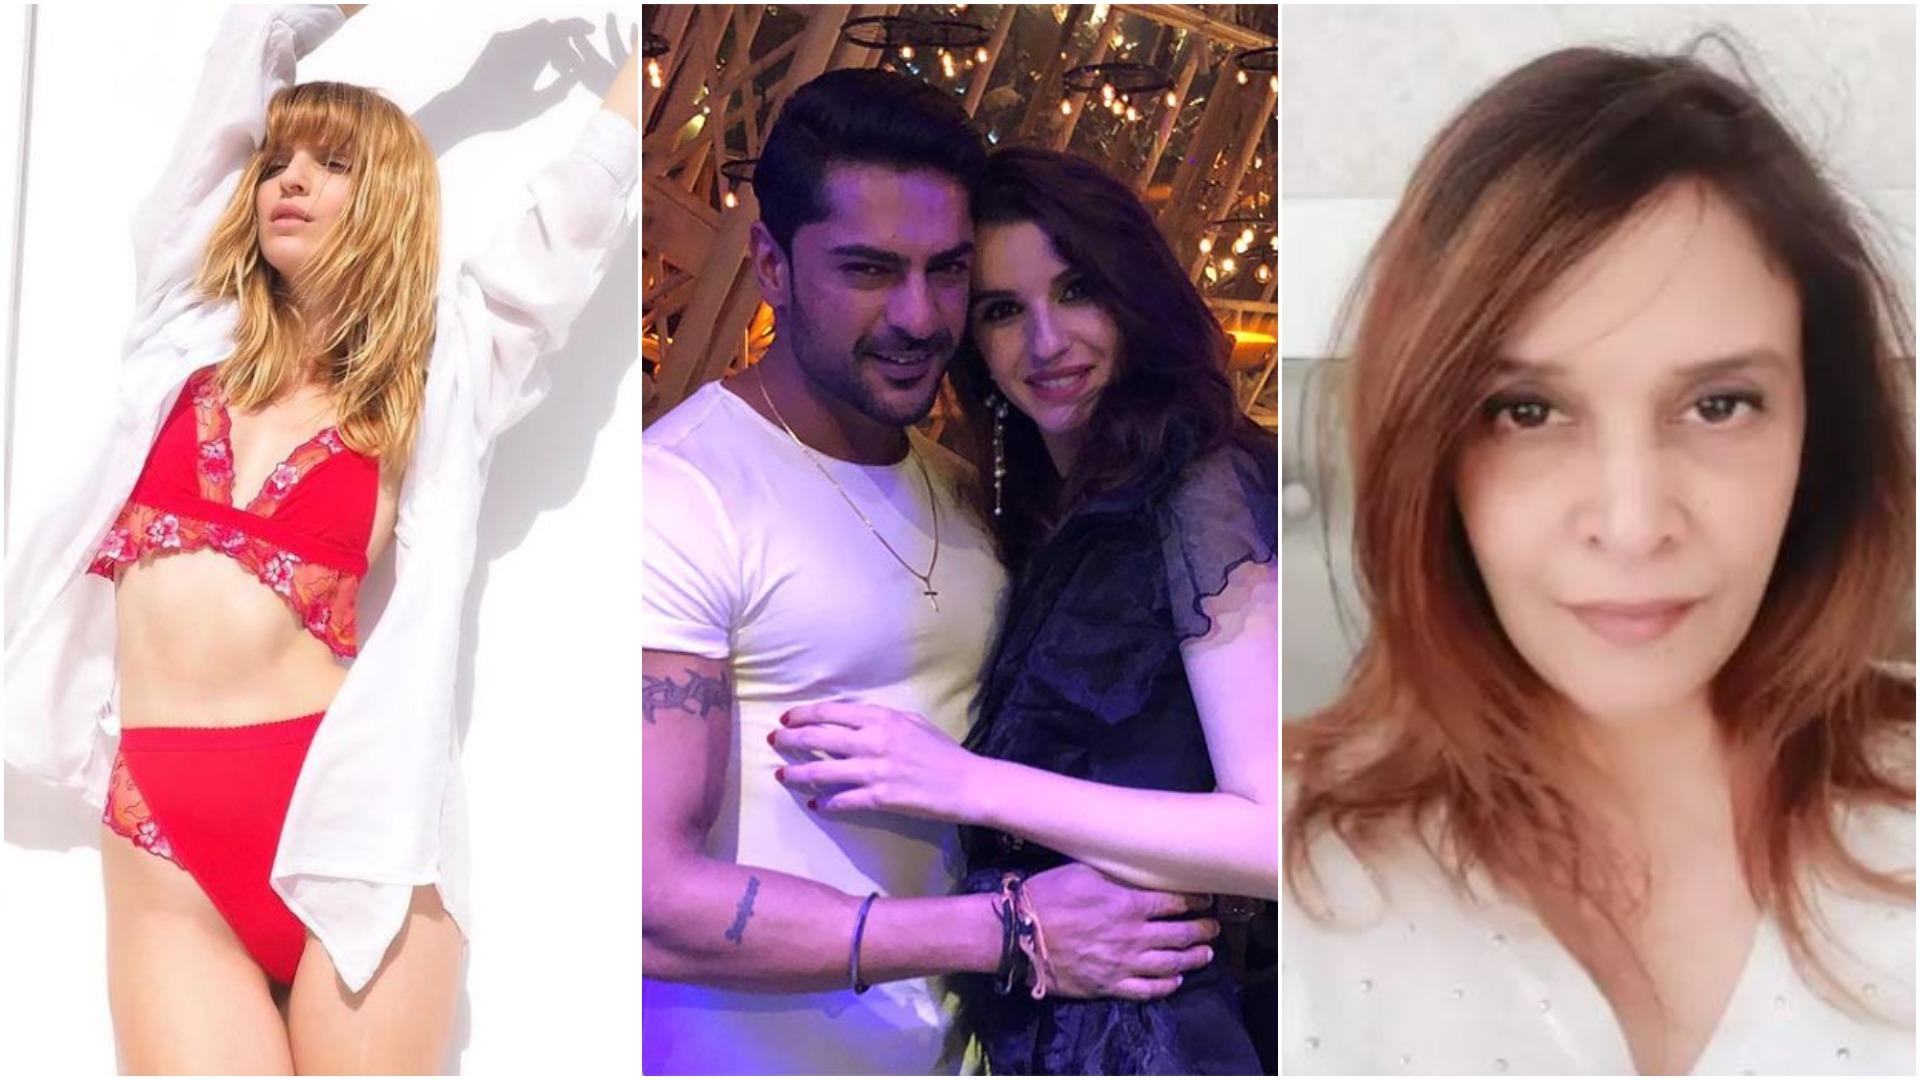 """Merr fund dashuria disavjeçare e modeles shqiptare dhe aktorit indian! """"Kabir"""" i """"Sarasvatiçandra"""" fejohet me producenten e njohur"""